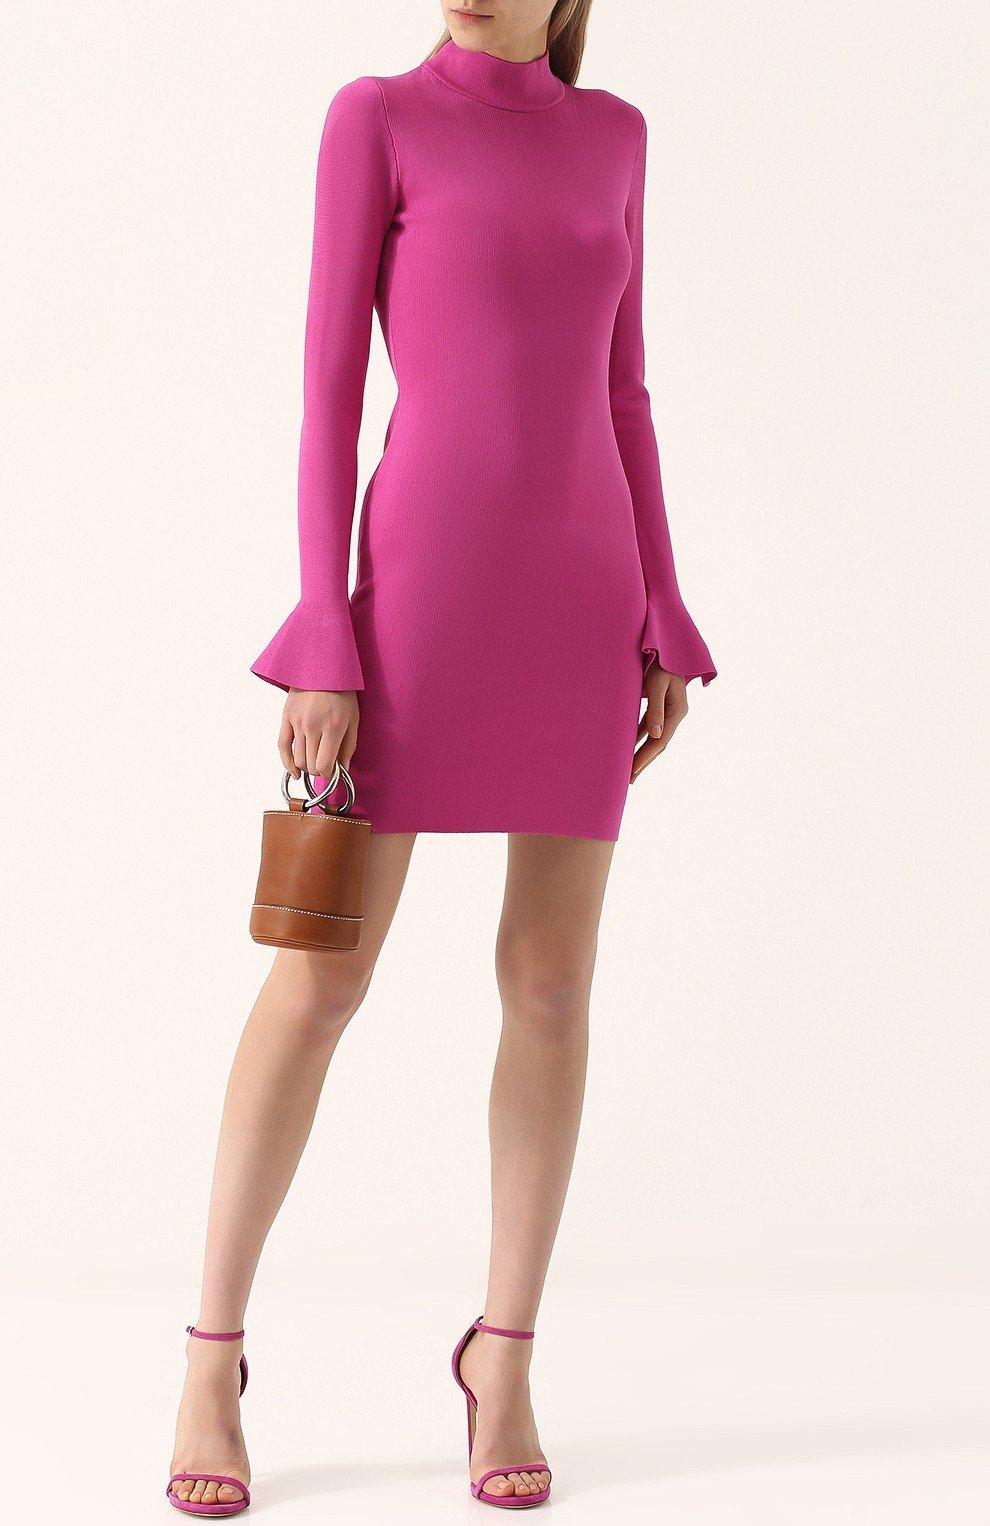 розовое платье с маленькой сумочкой и босоножками